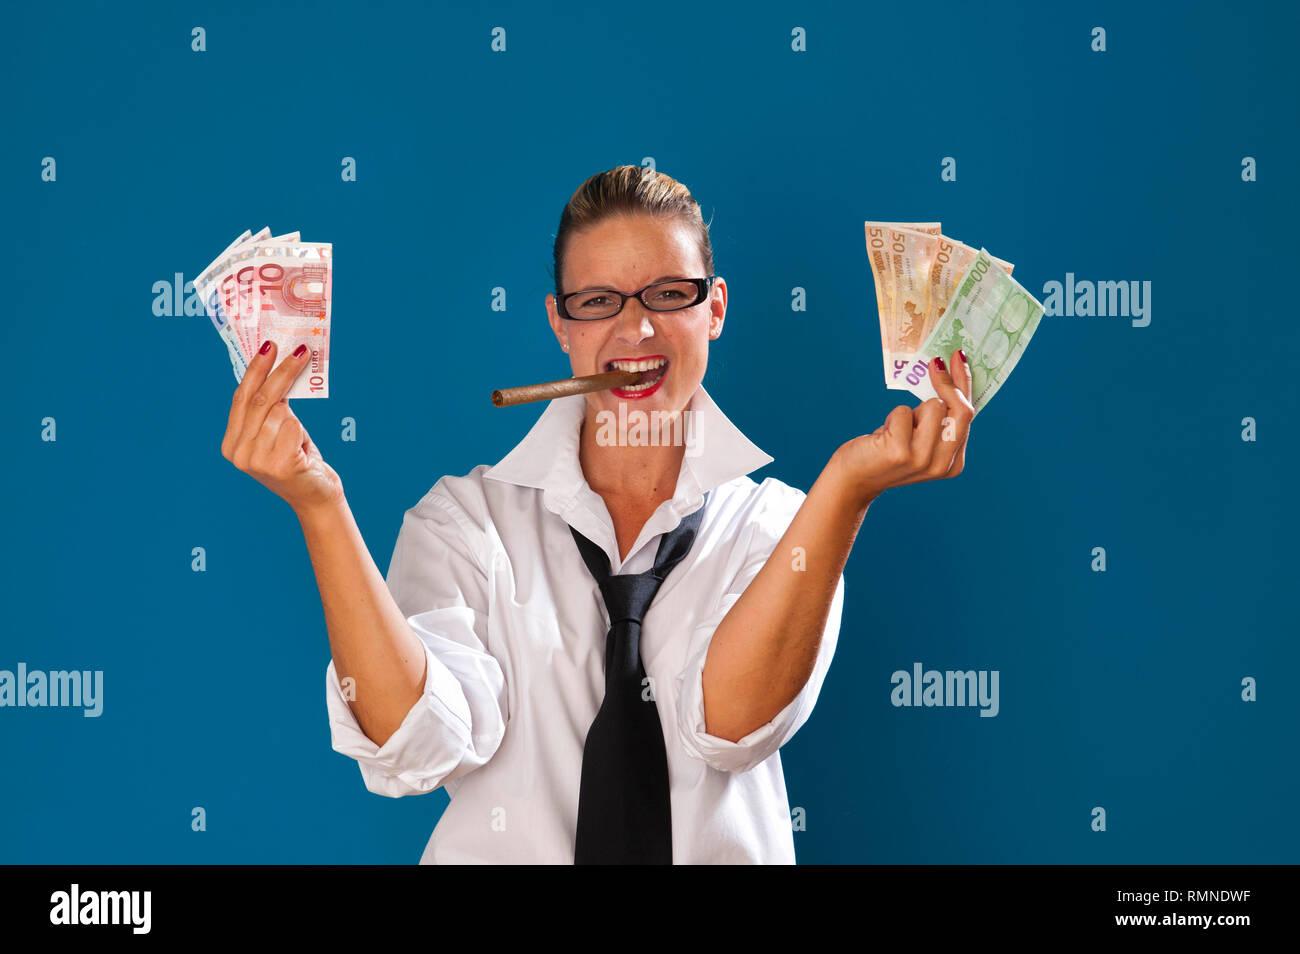 Dunkelblonde Frau steht vor tuerkiser Wand mit strenger Frisur traegt Maennerkleidung, Zigarre im Mund haelt Geldscheine in der Hand MR:YES PR:YES [(c - Stock Image